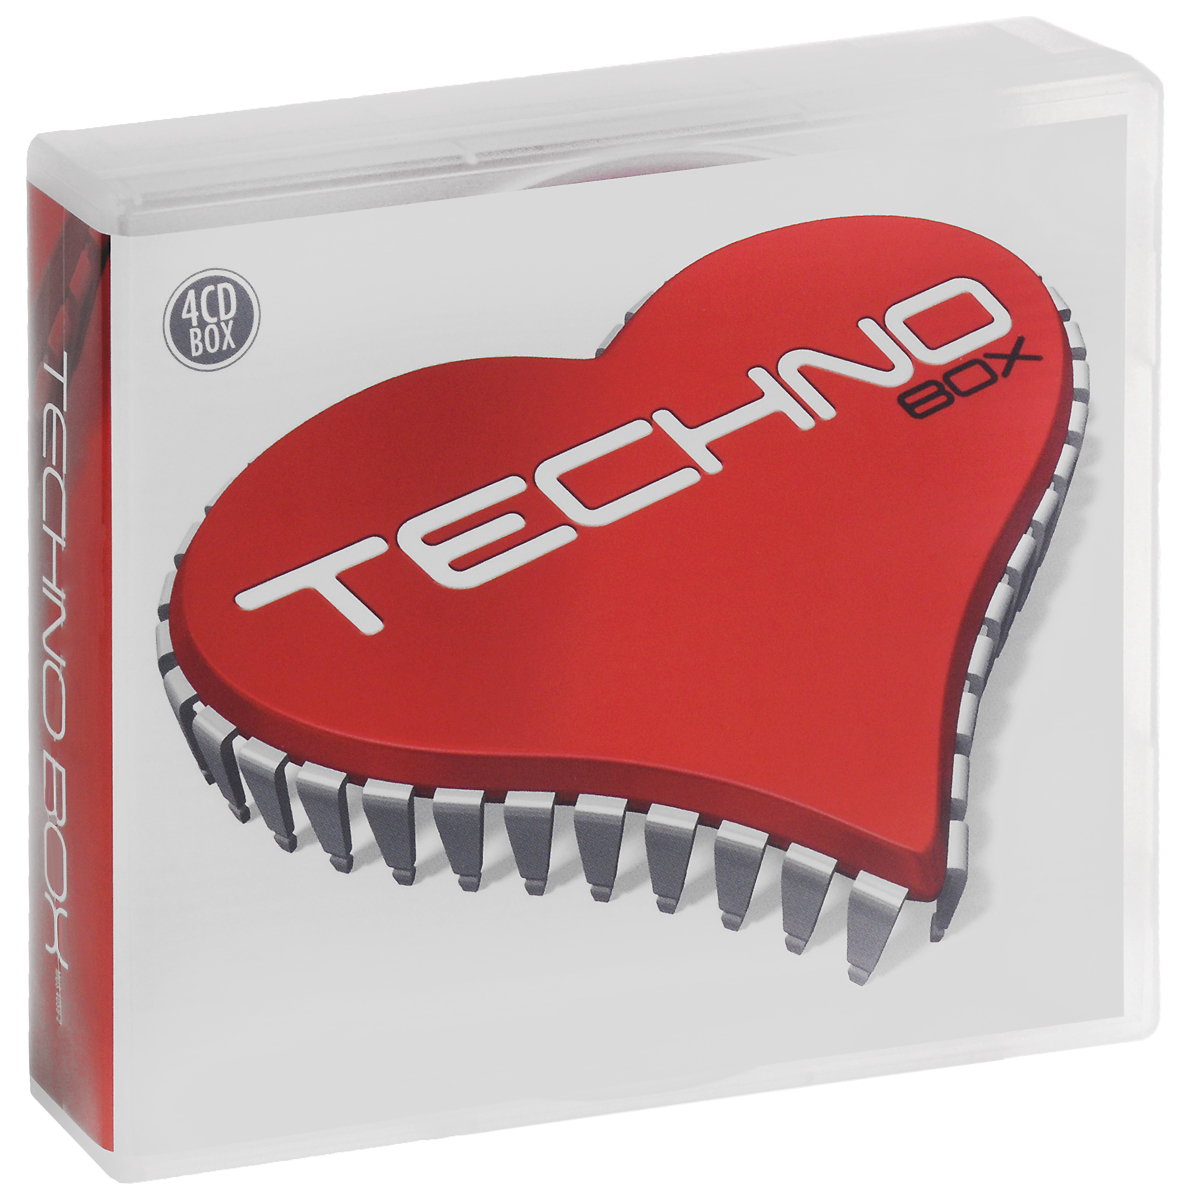 Techno Box (4 CD)